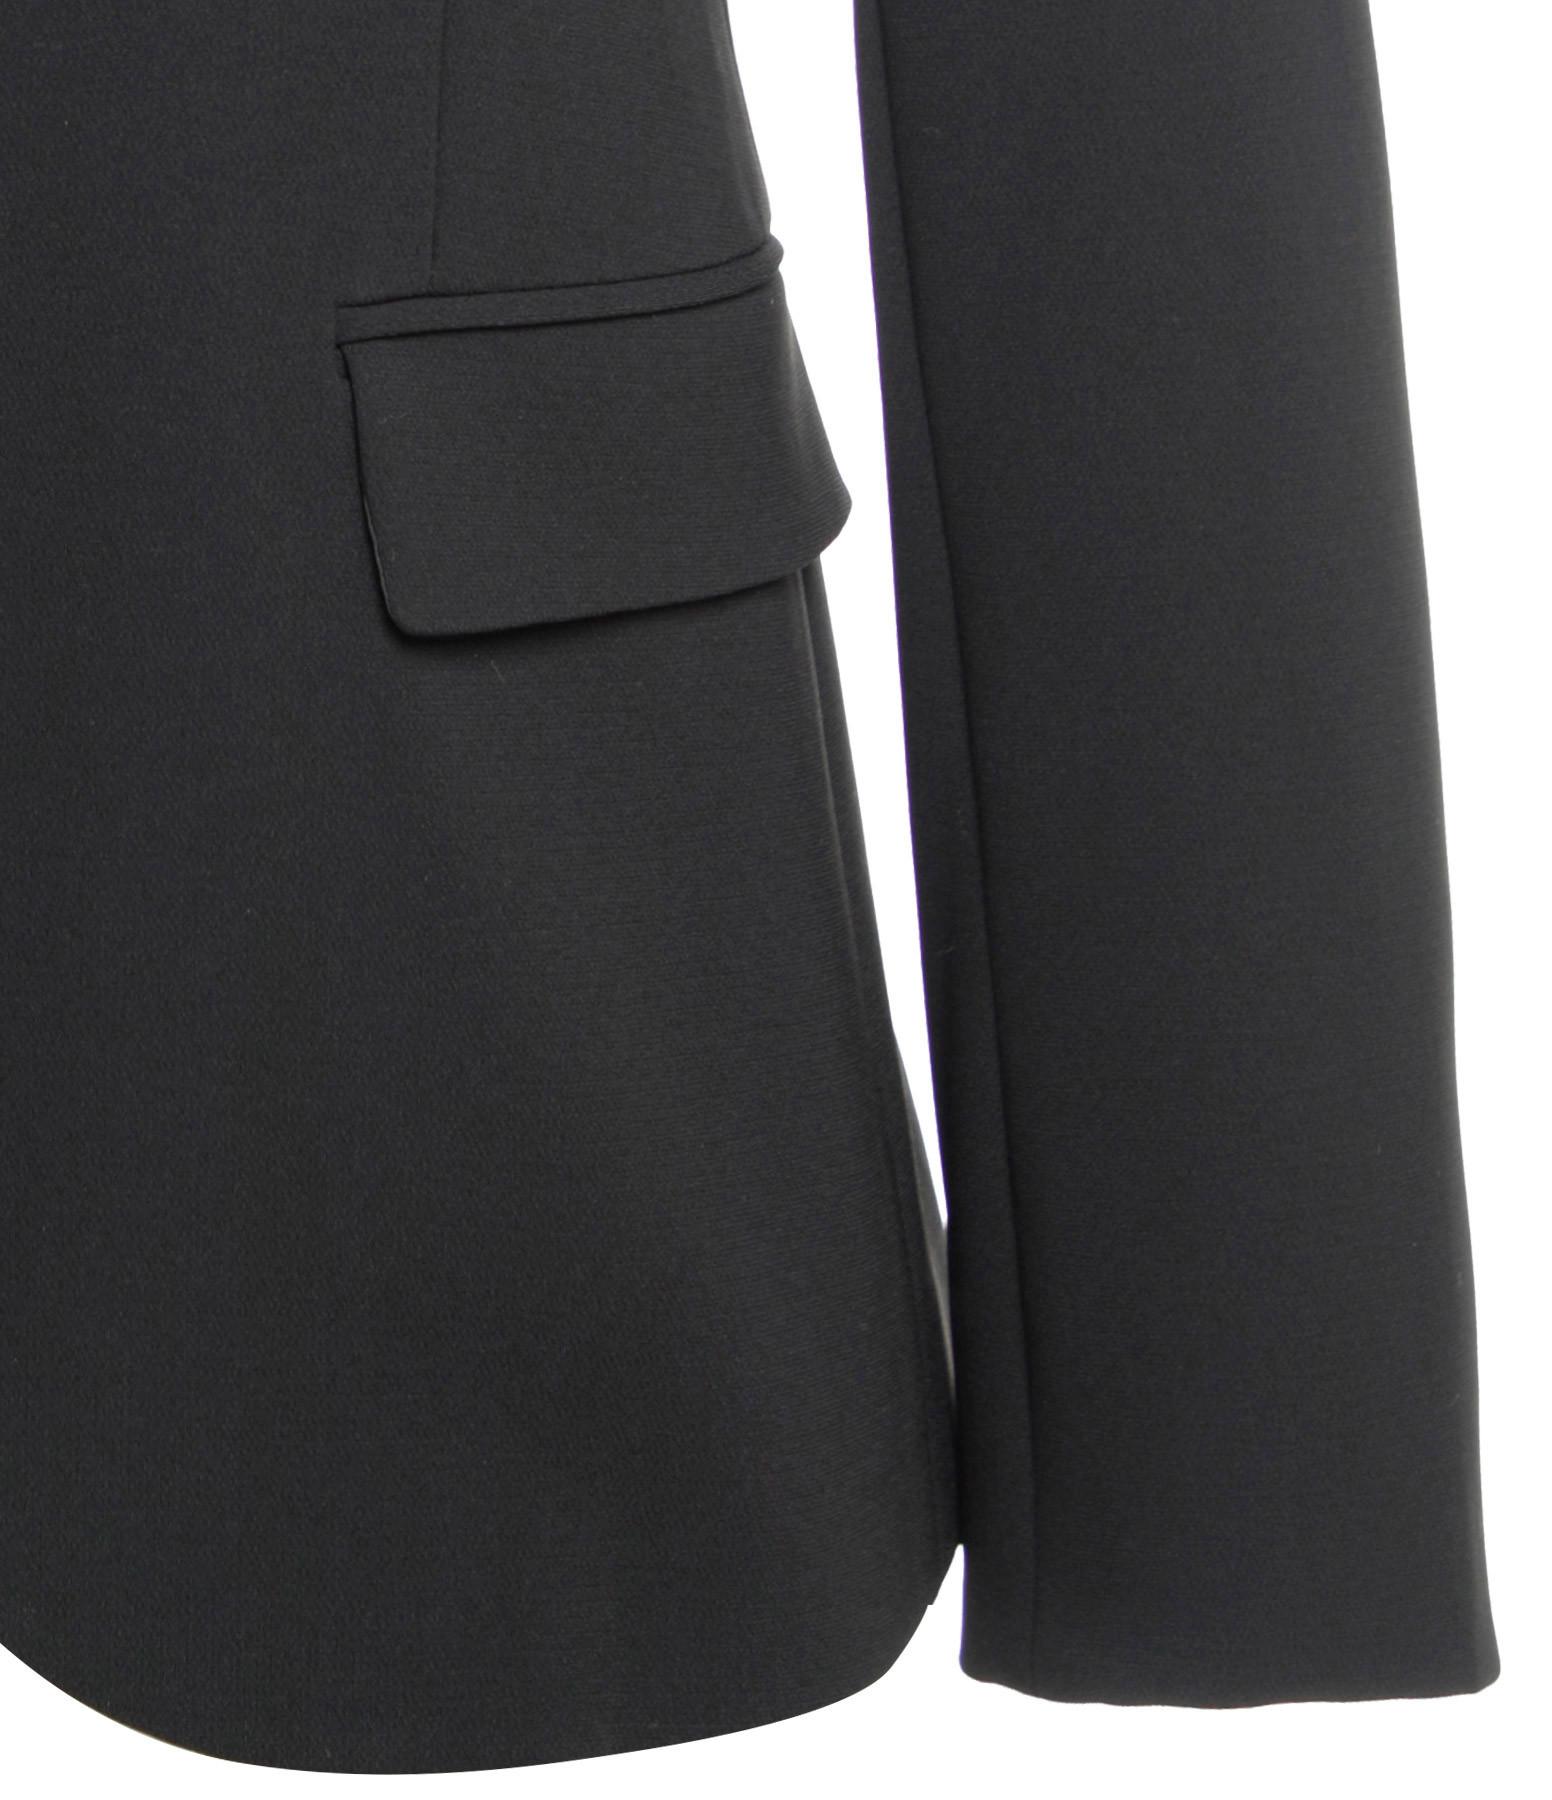 THEORY - Veste Blazer Staple Noir